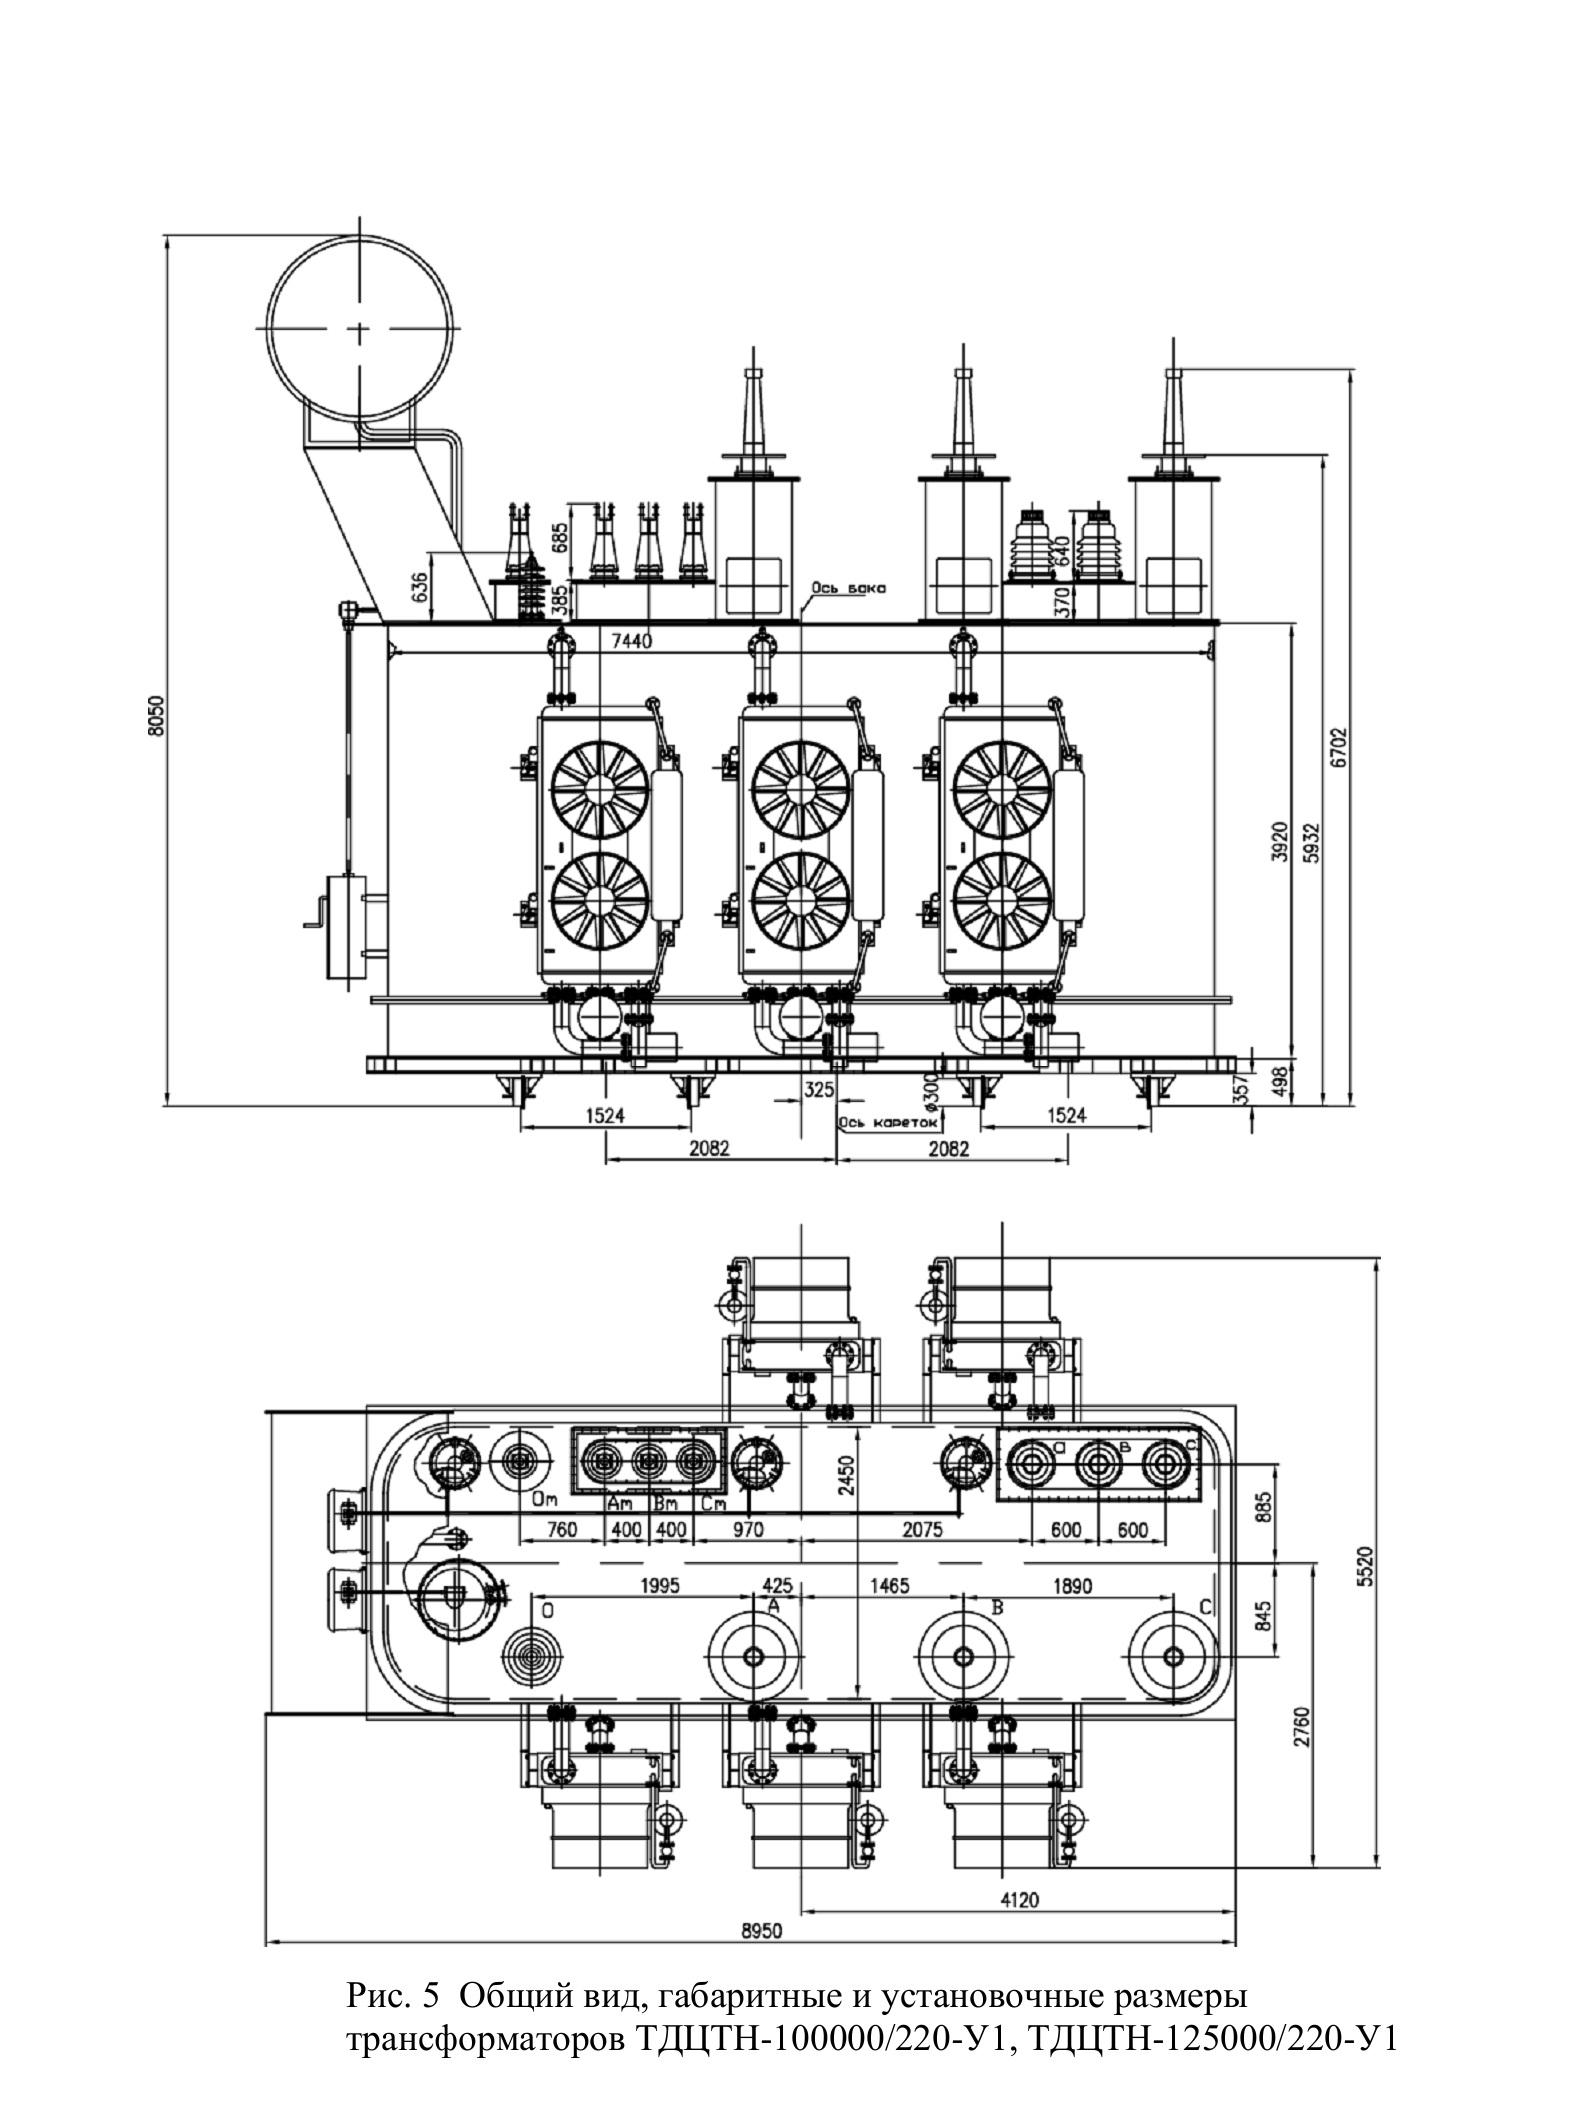 Трансформаторы трехфазные трехобмоточные масляные класса напряжения 220 кВ тип ТДЦТН